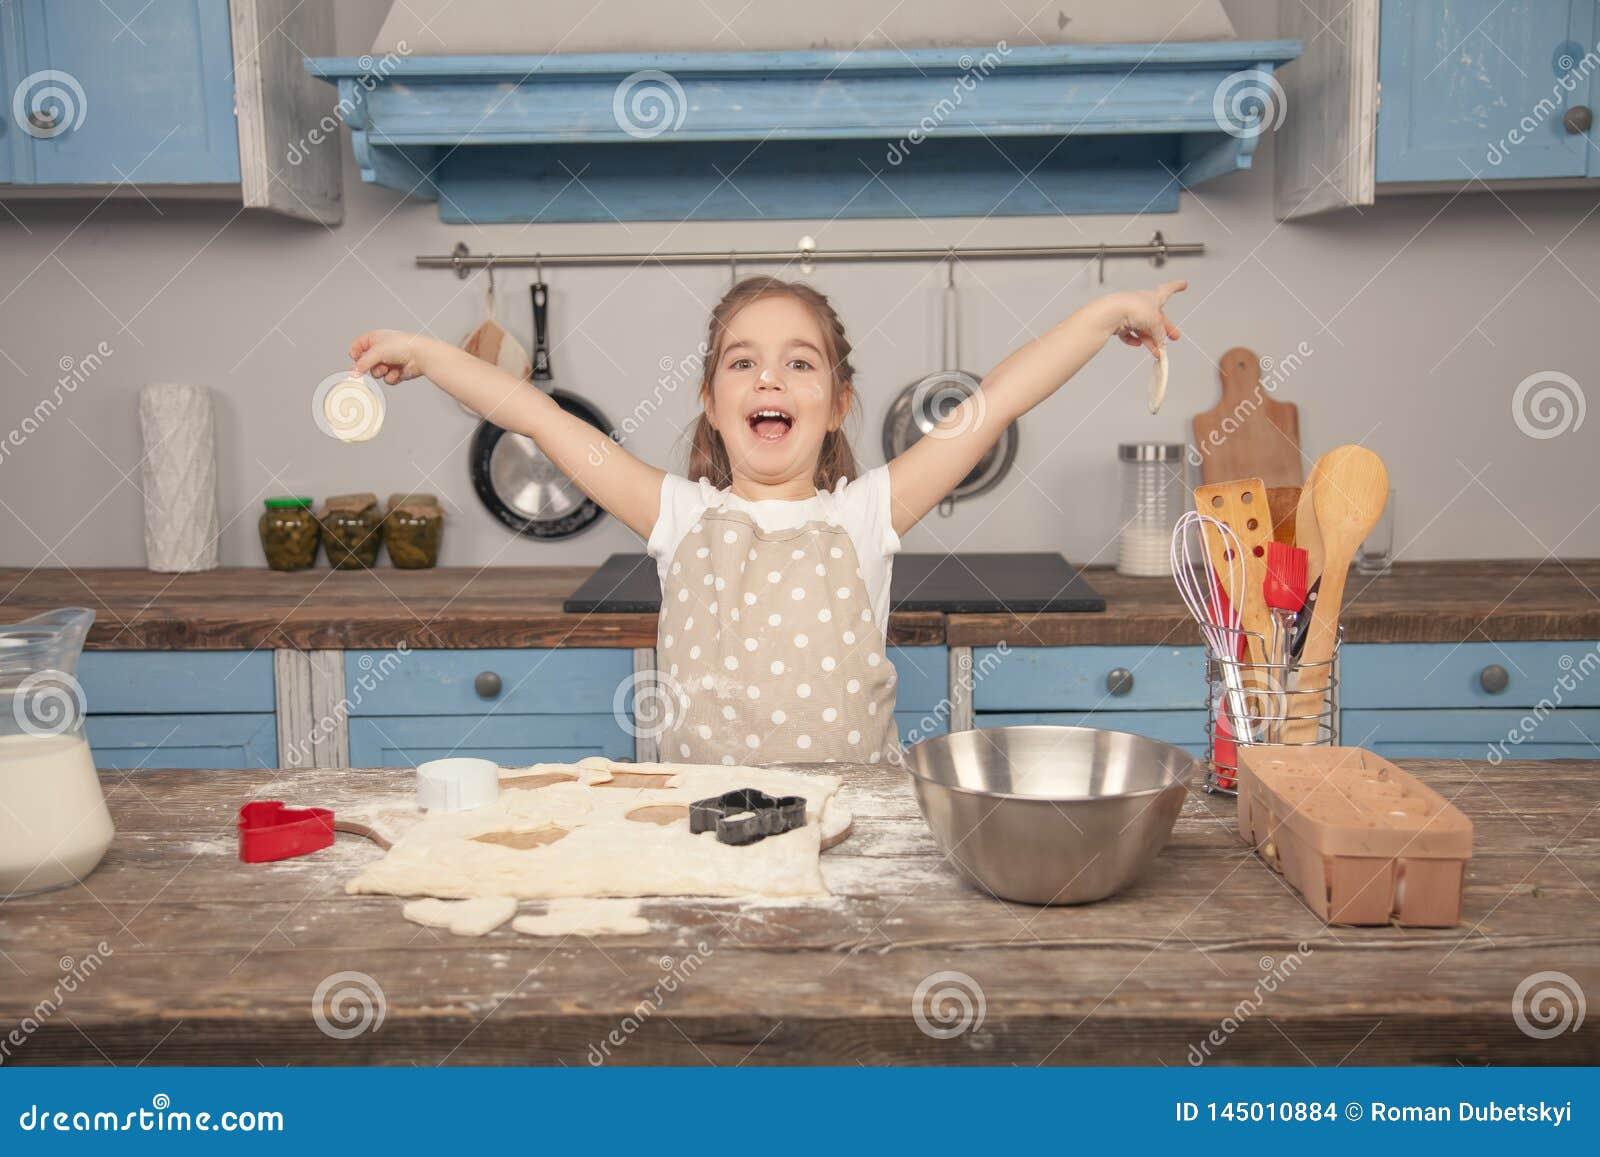 La niña feliz en la cocina está haciendo diversas formas de galletas fuera de la pasta, ayudando a su mamá Peque